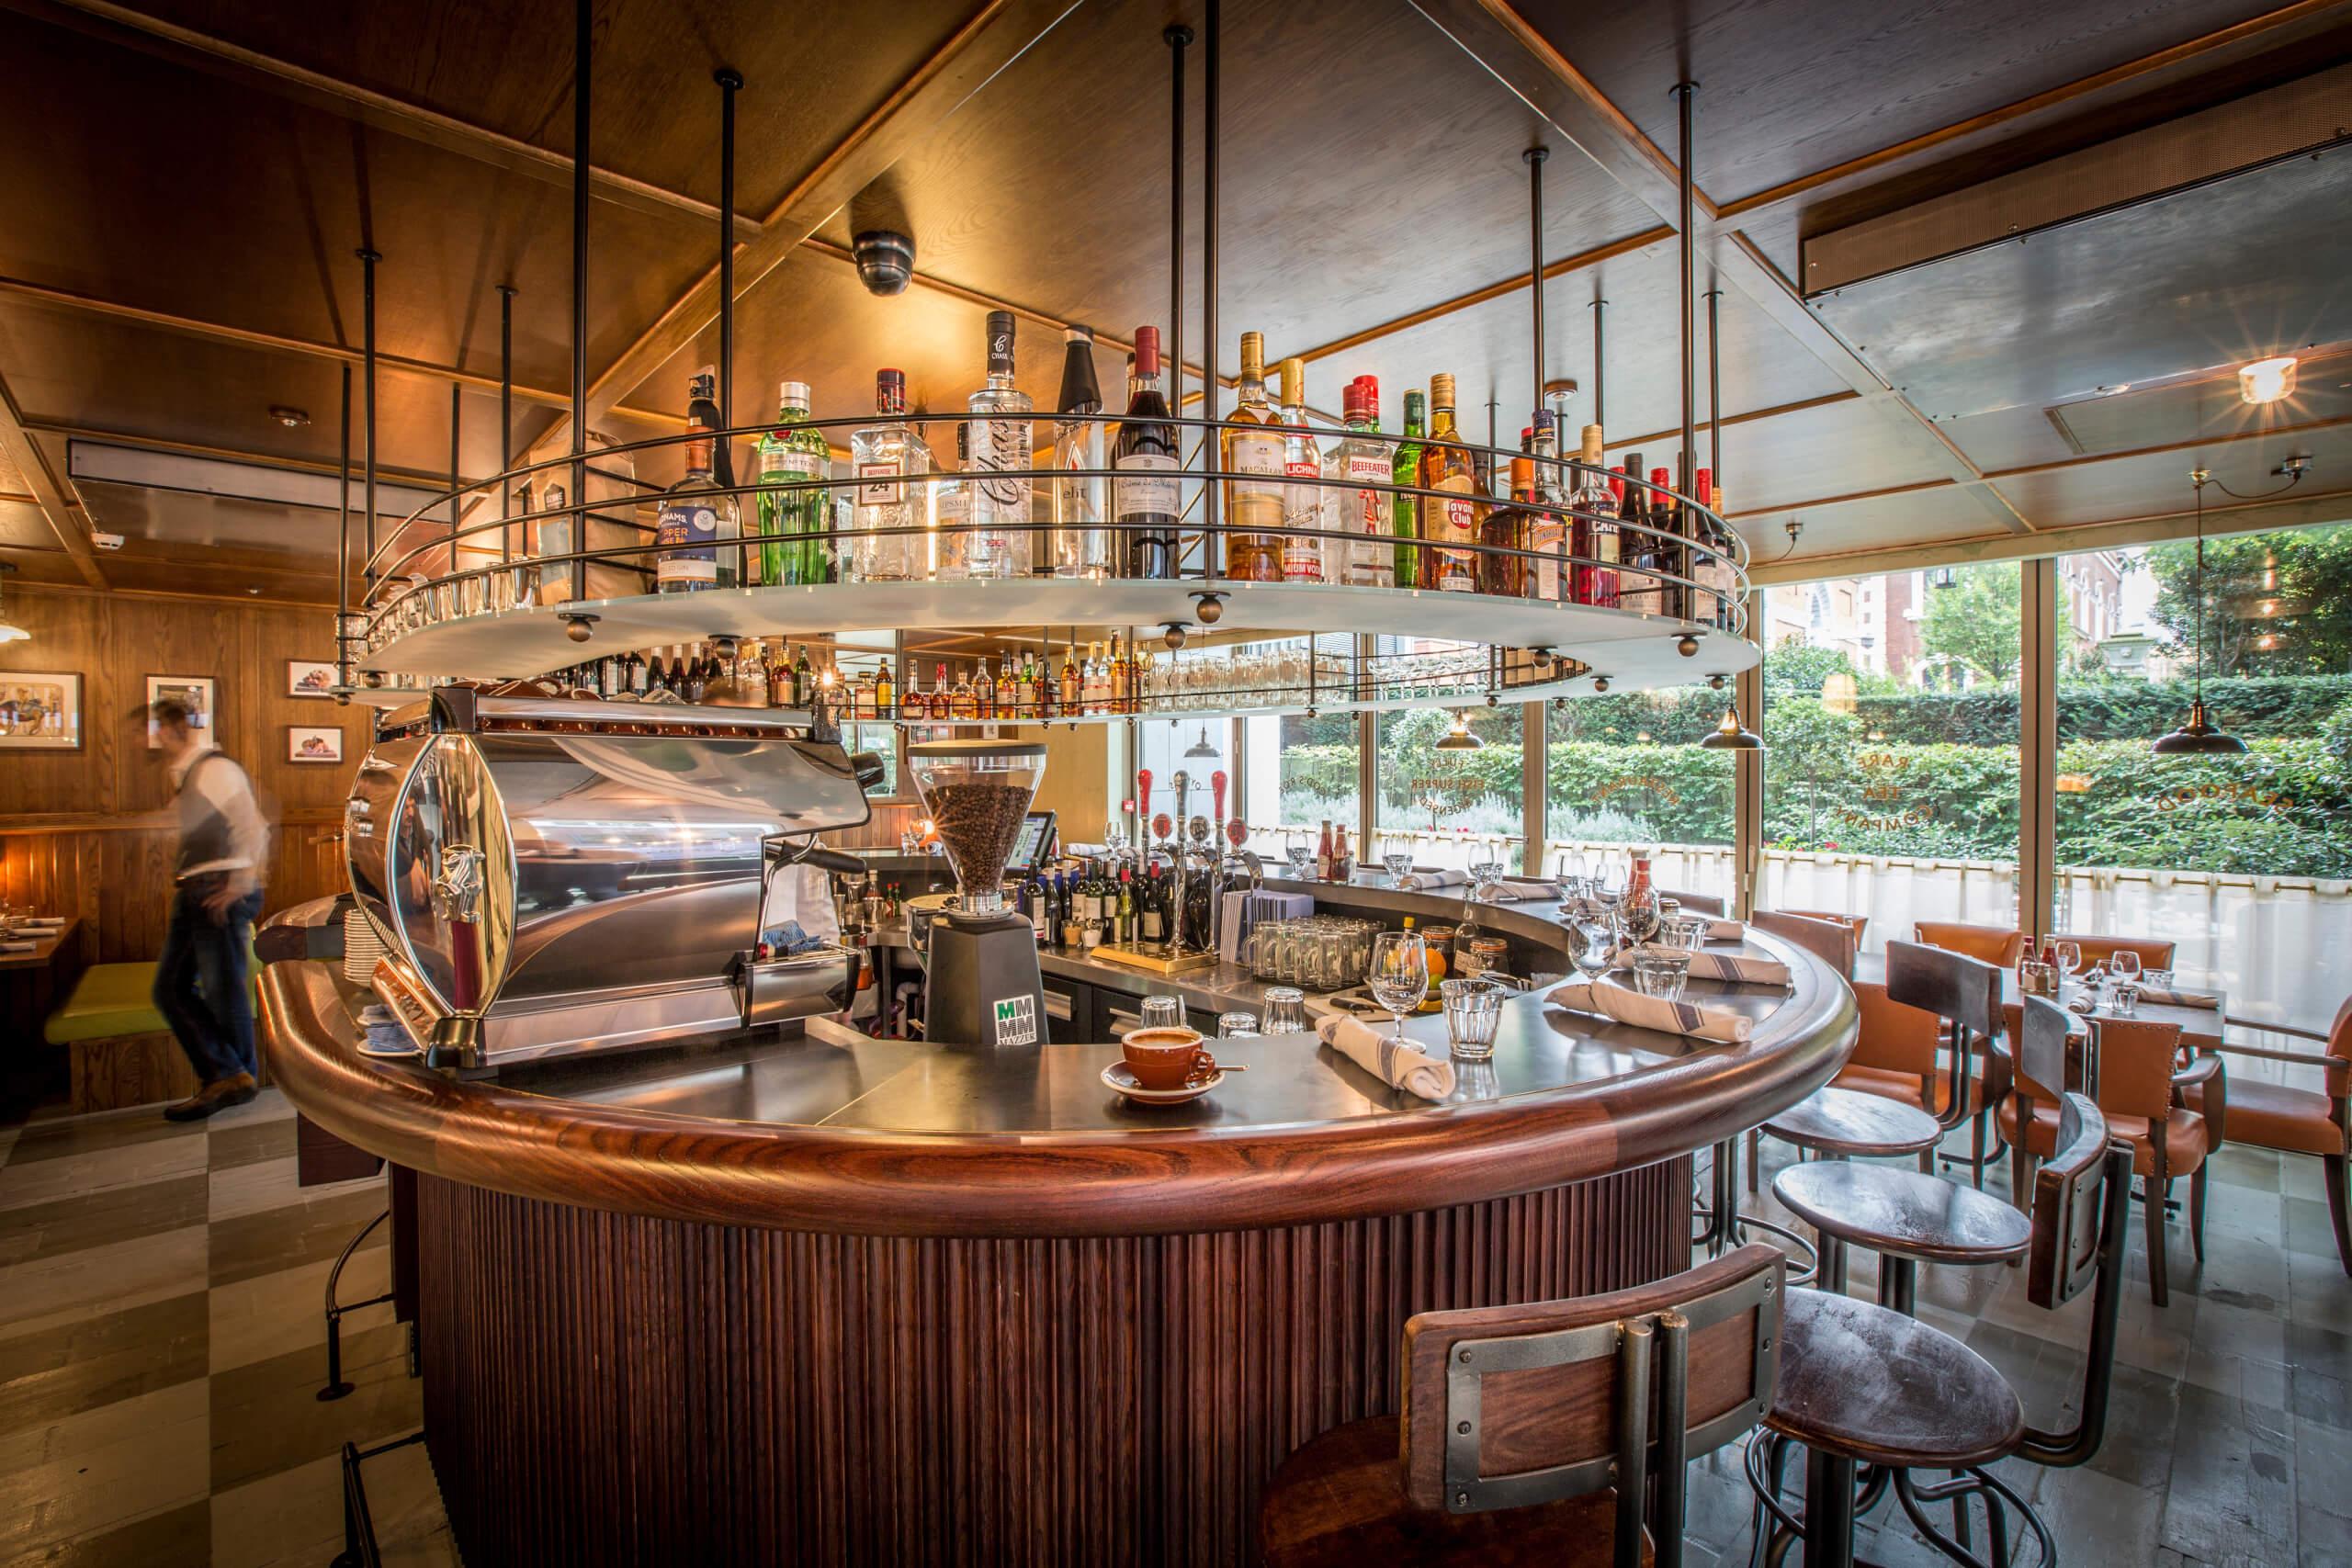 nice restaurants in london, oysters london, oyster bar london, oyster london, restaurants in mayfair, oyster restaurant london, best oysters in london, seafood restaurant london, where to eat in london, seafood restaurants london, where to buy oysters in london, best oysters london, fish restaurants london,